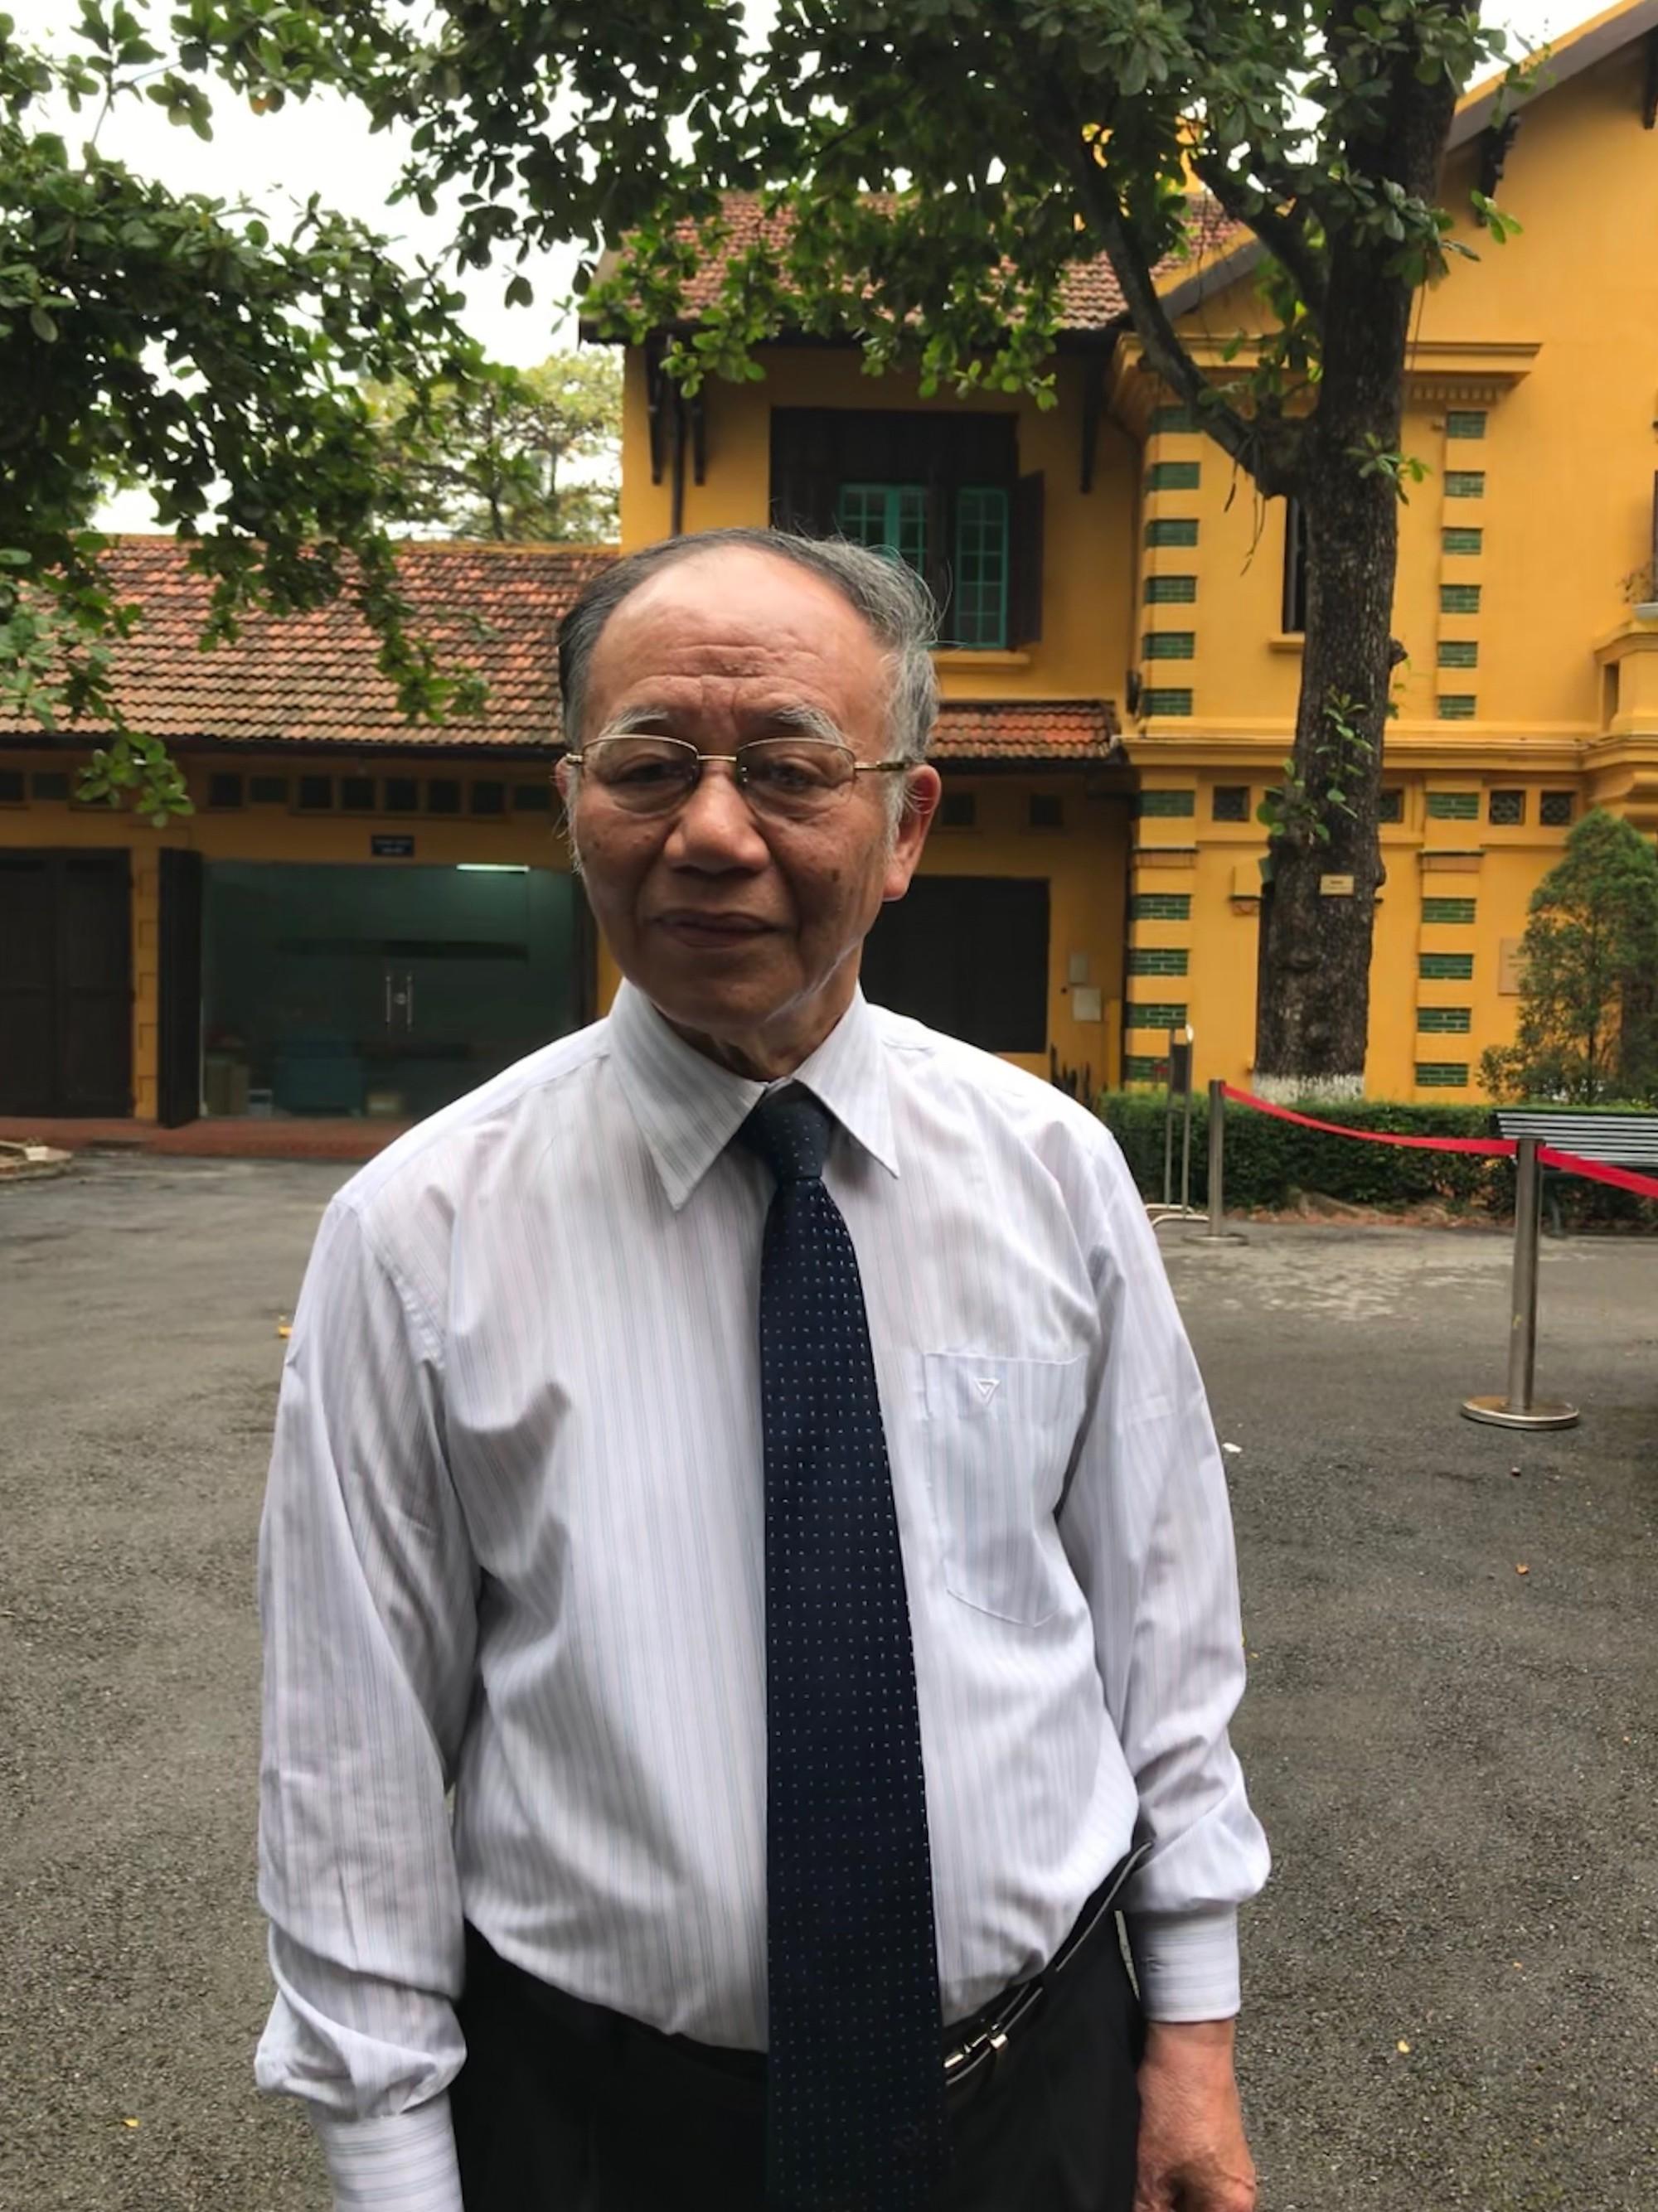 50 năm thực hiện Di chúc Hồ Chí Minh: Chỉnh đốn Đảng là việc làm tiên quyết và lâu dài - Ảnh 5.